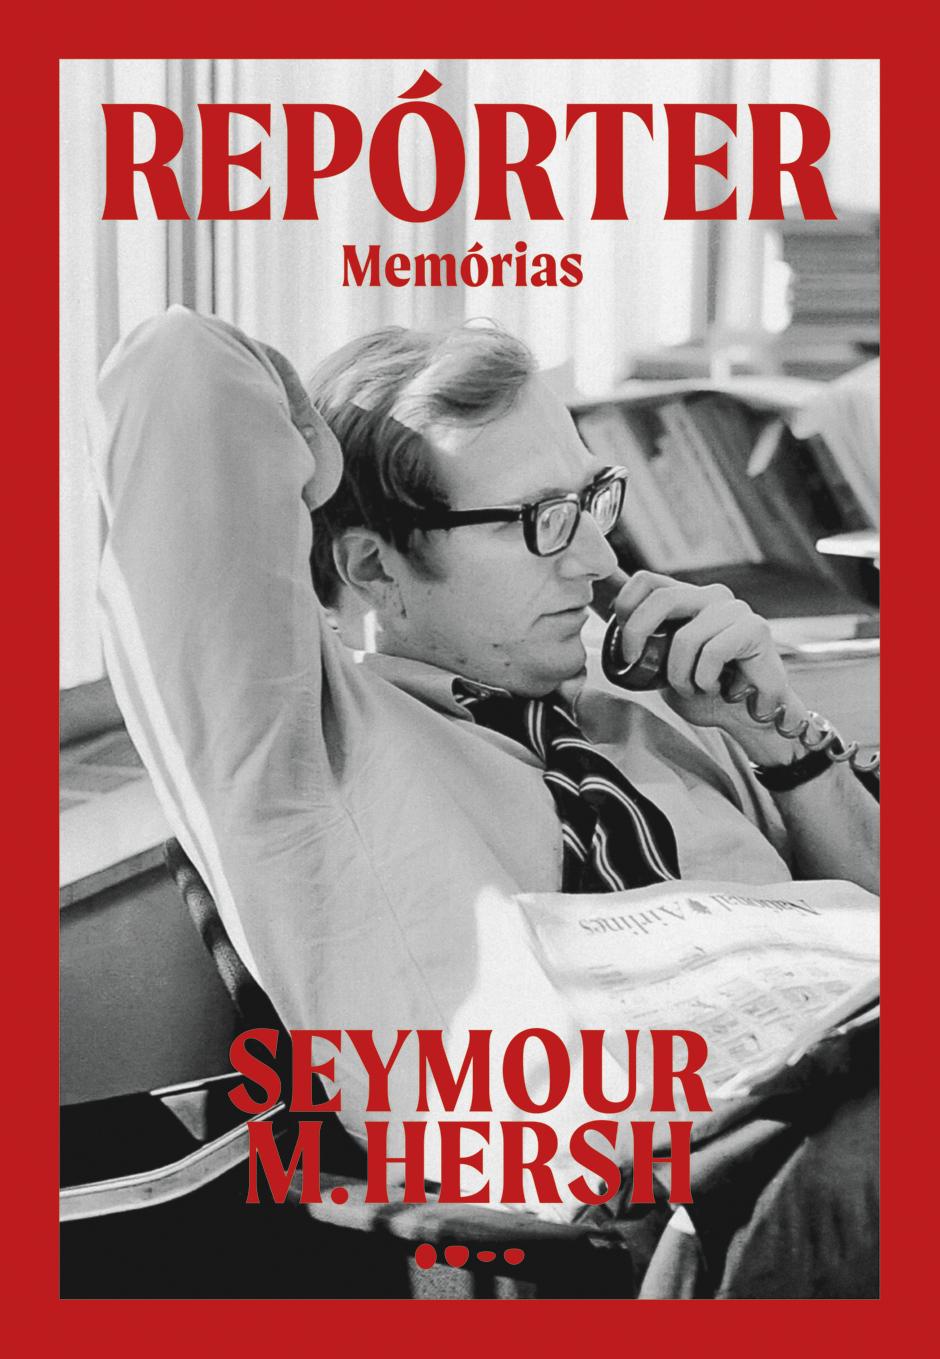 REPORTER - MEMORIAS